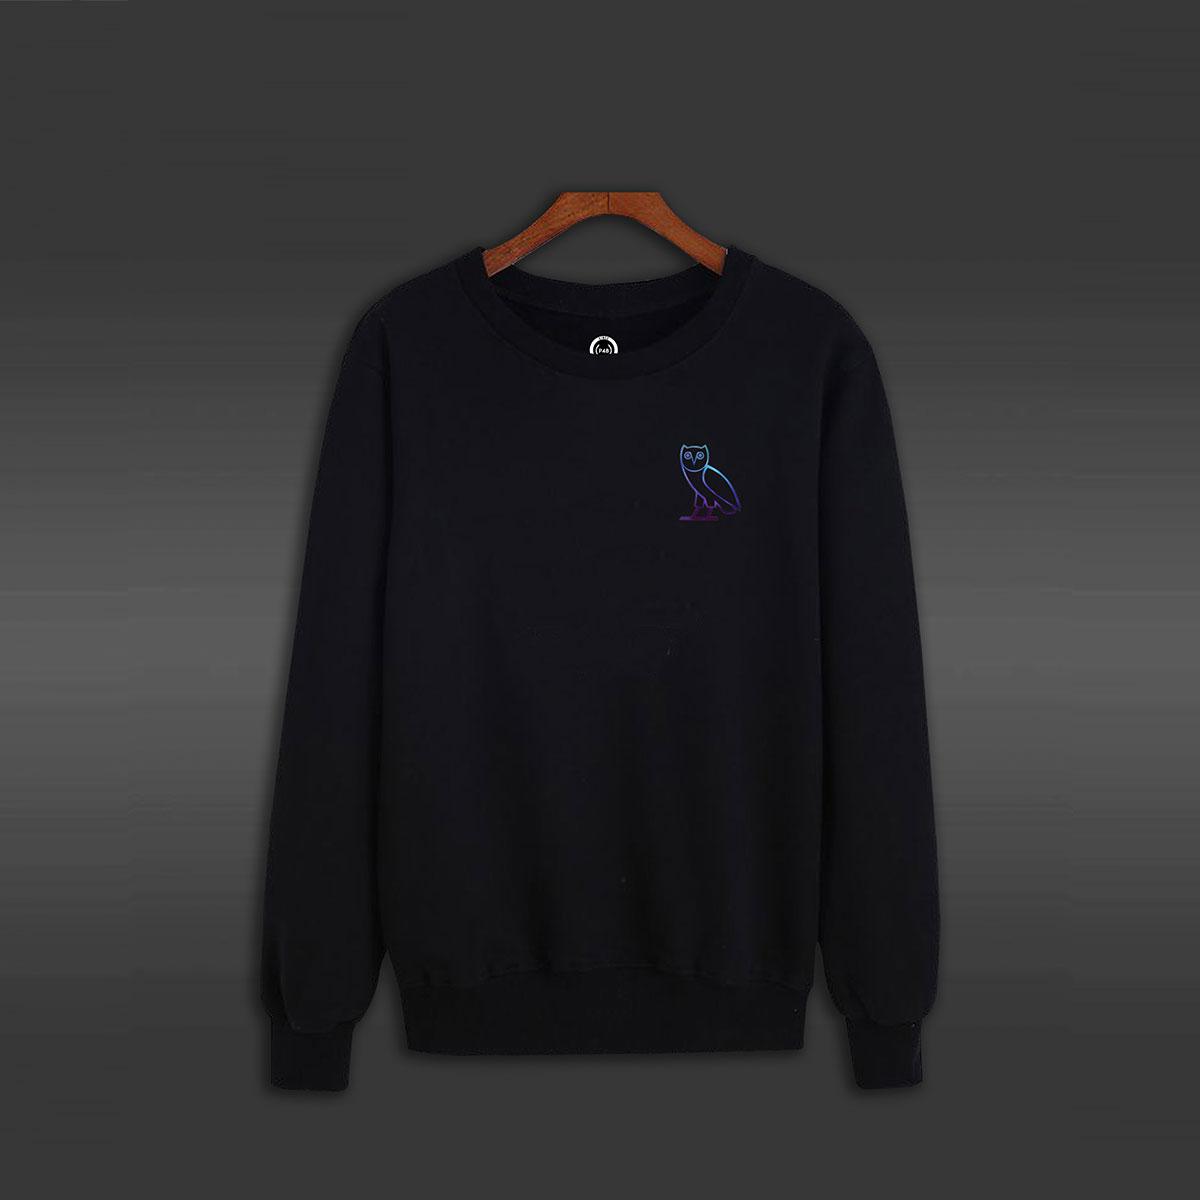 Owl Crew Neck Sweater - Black